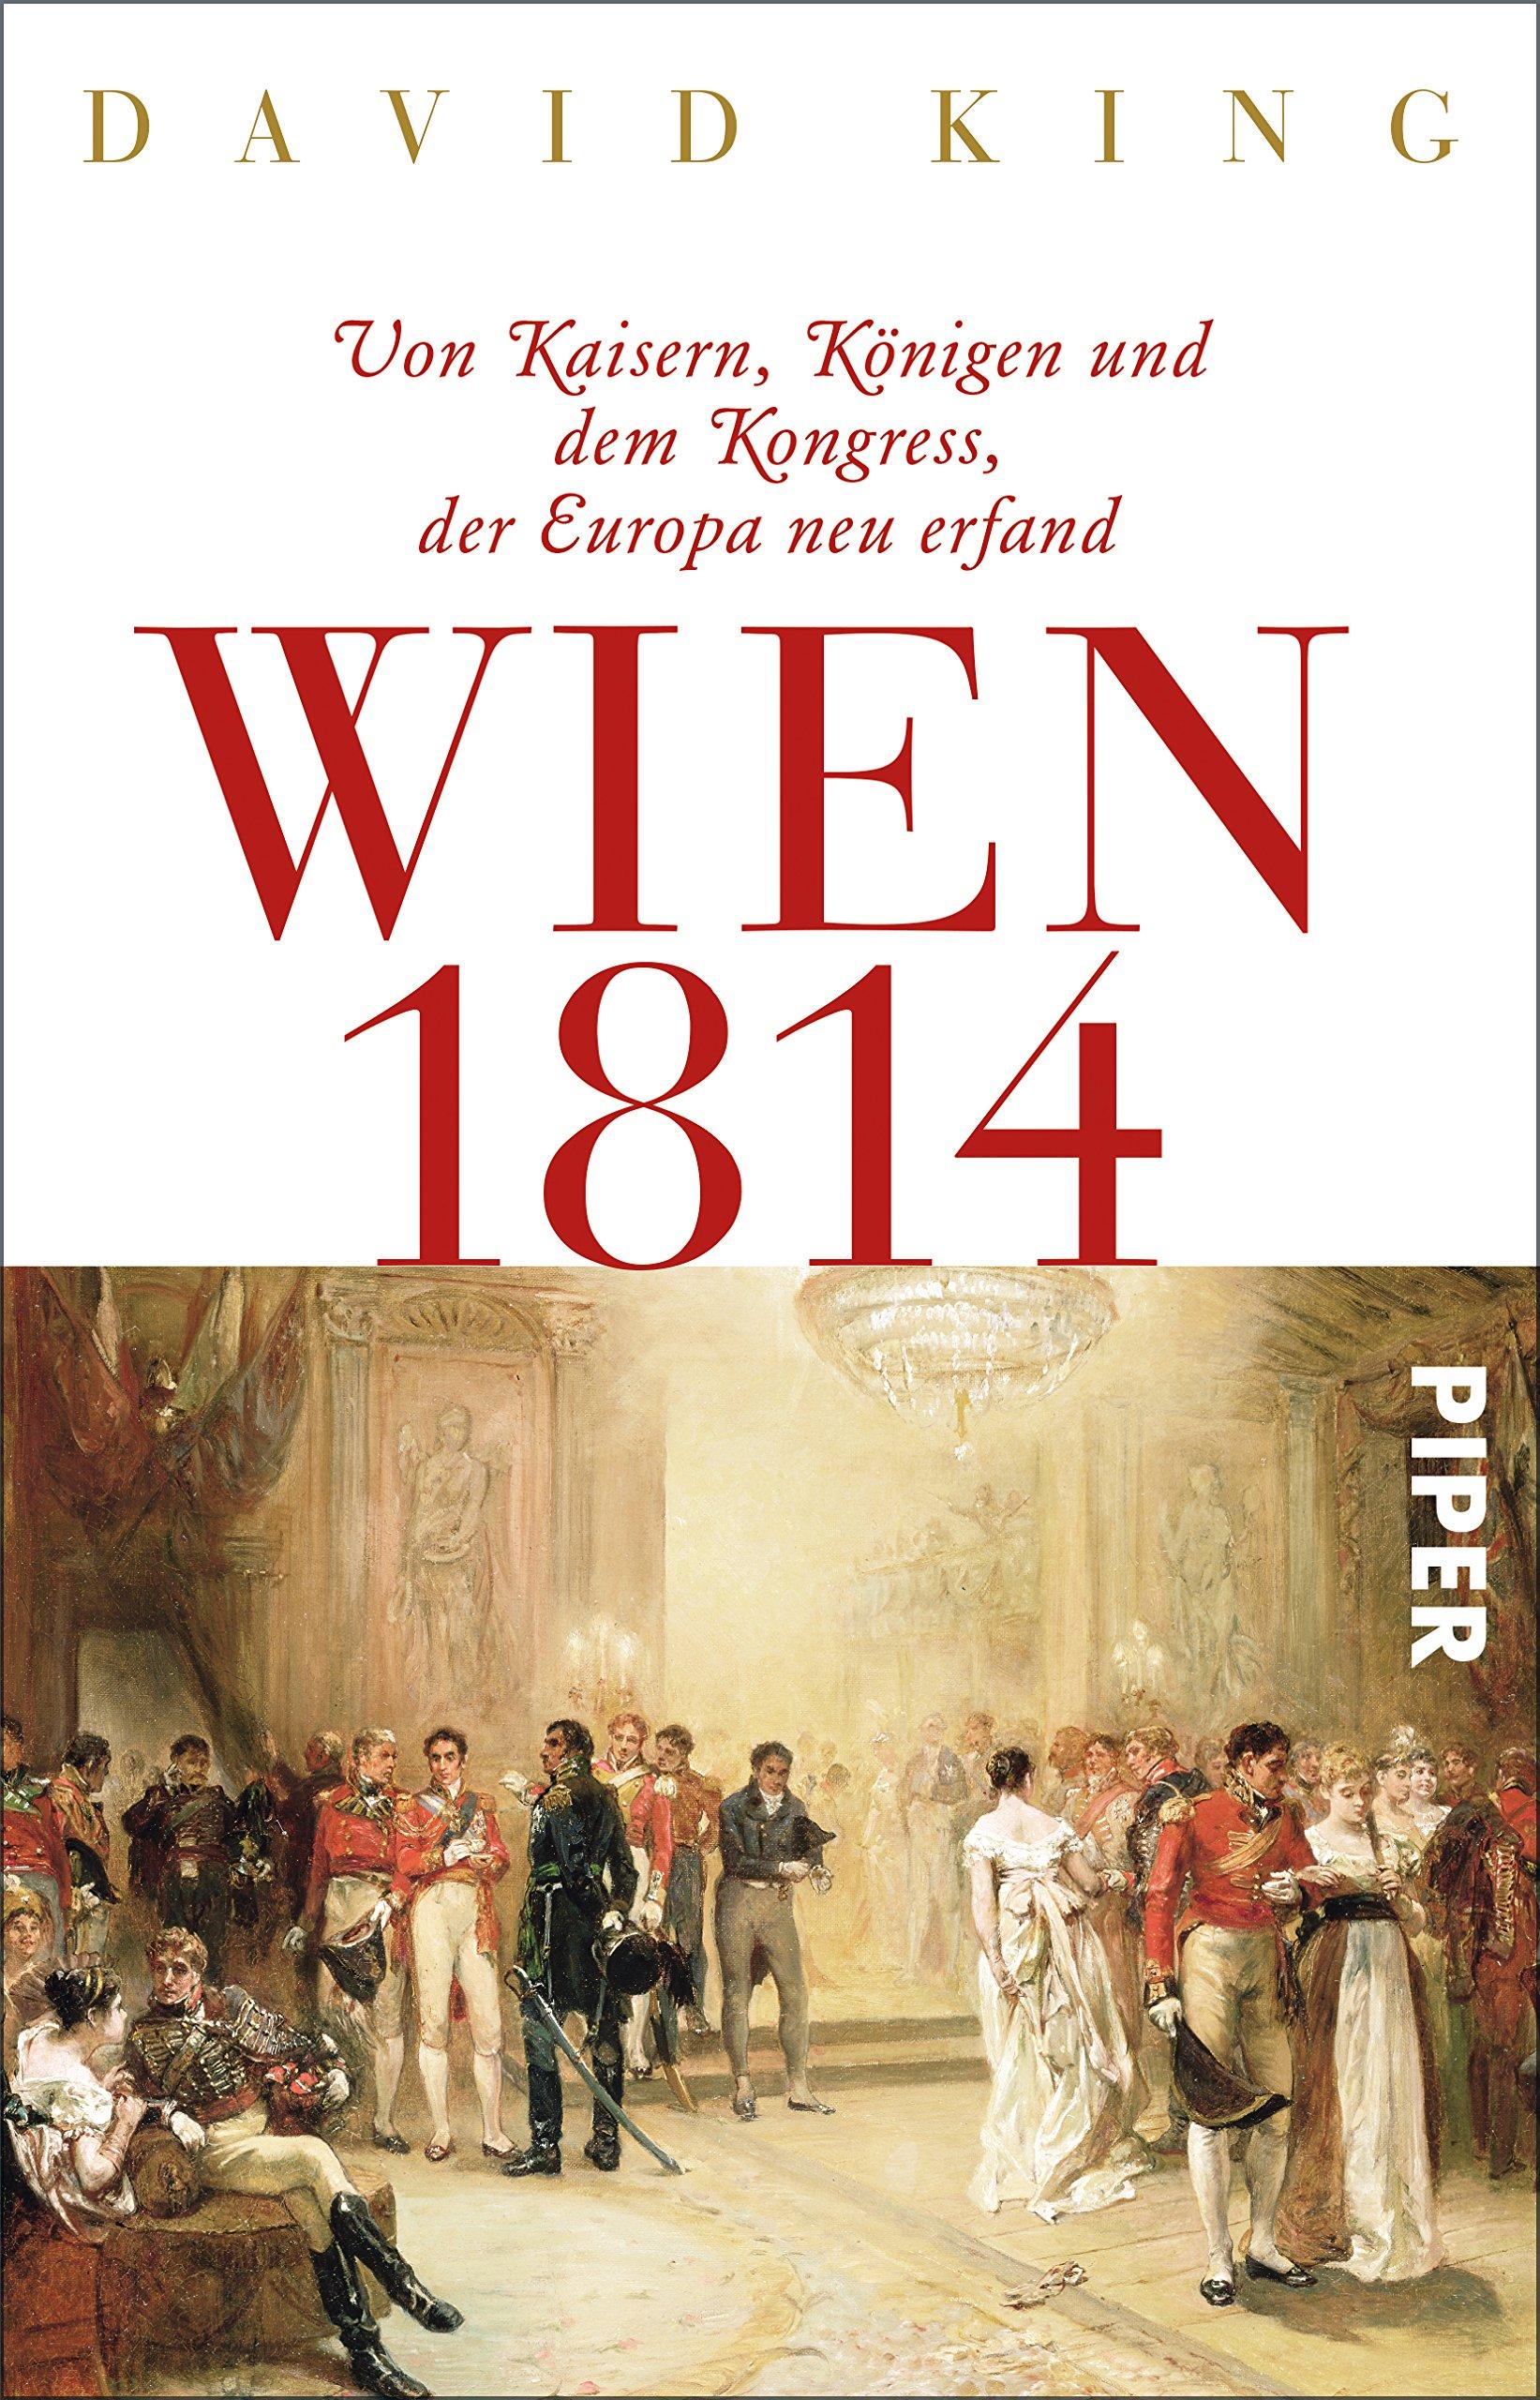 Wien 1814: Von Kaisern, Königen und dem Kongress, der Europa neu erfand